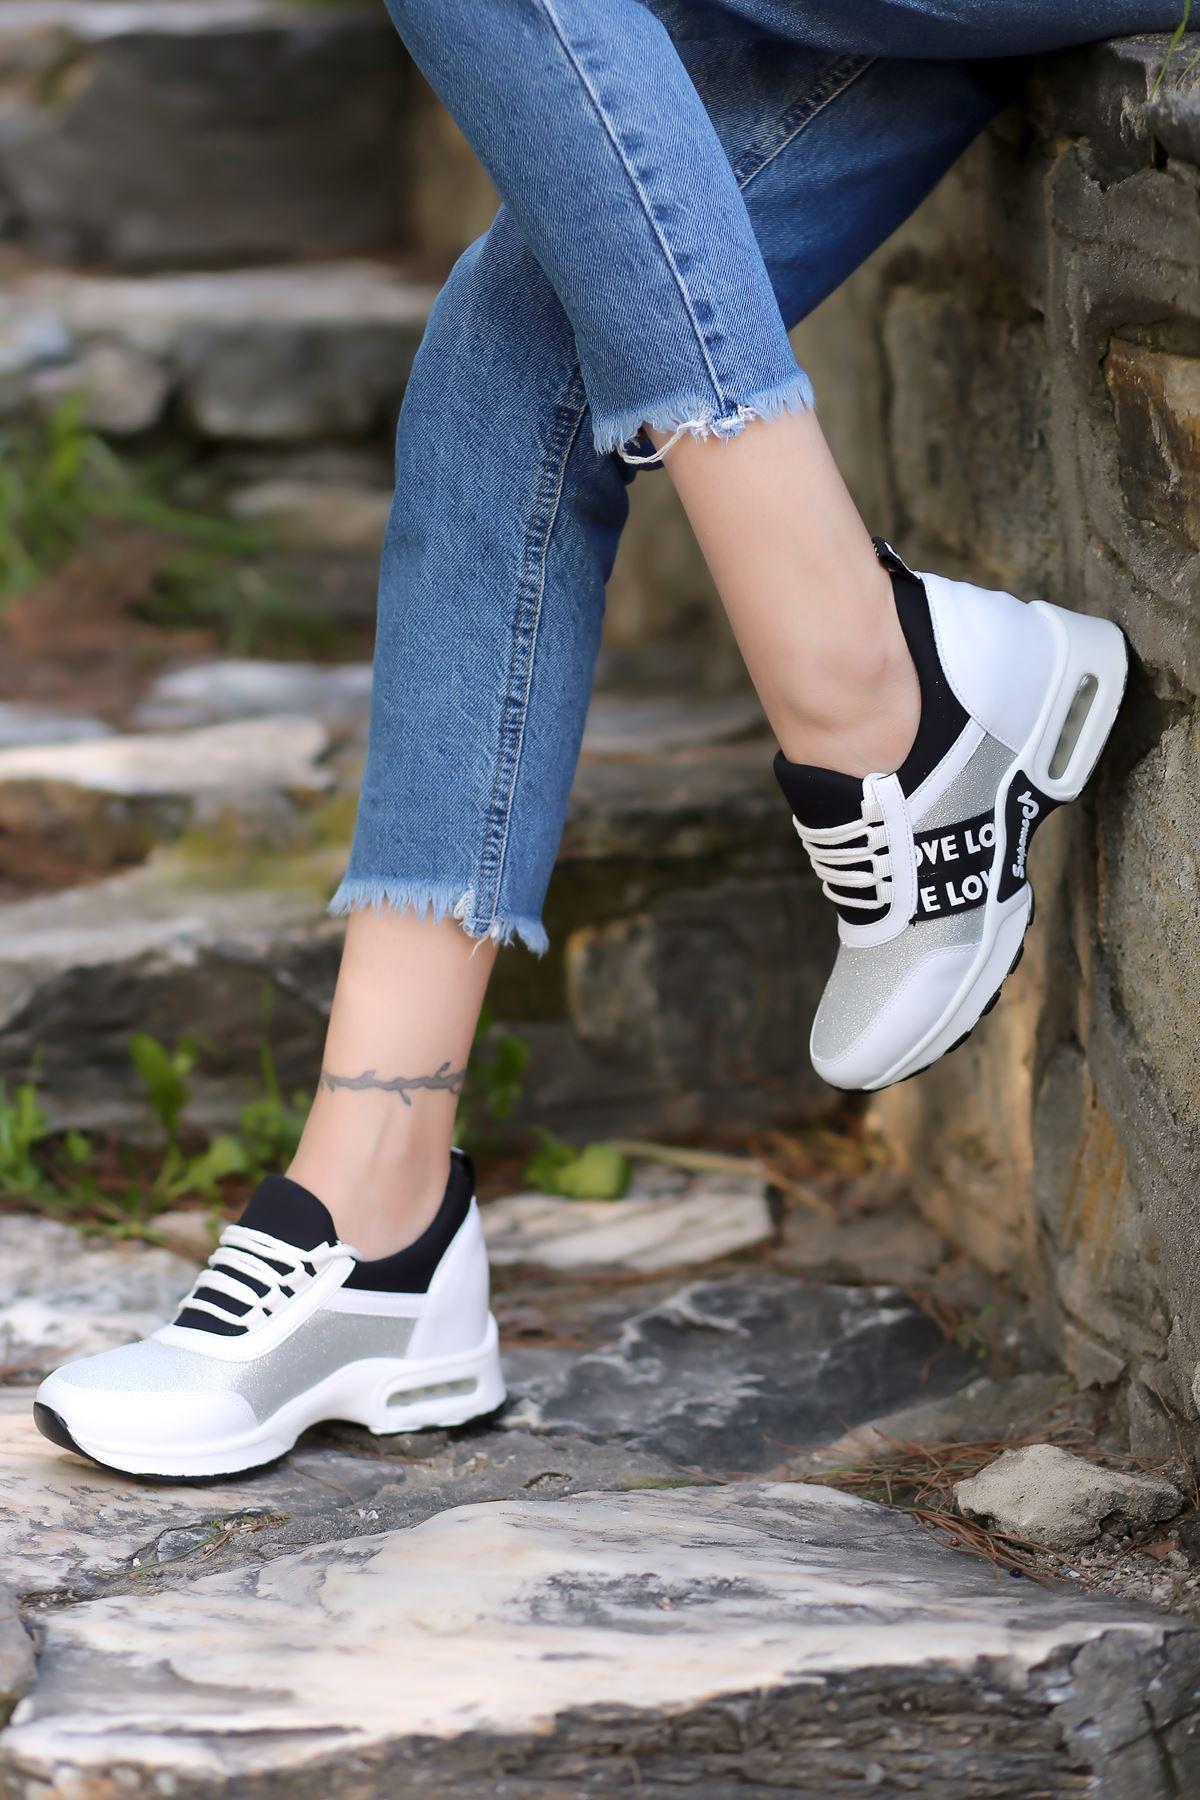 Laney Hava Tabanlı Etiket Detaylı Kadın Spor Ayakkabı Beyaz